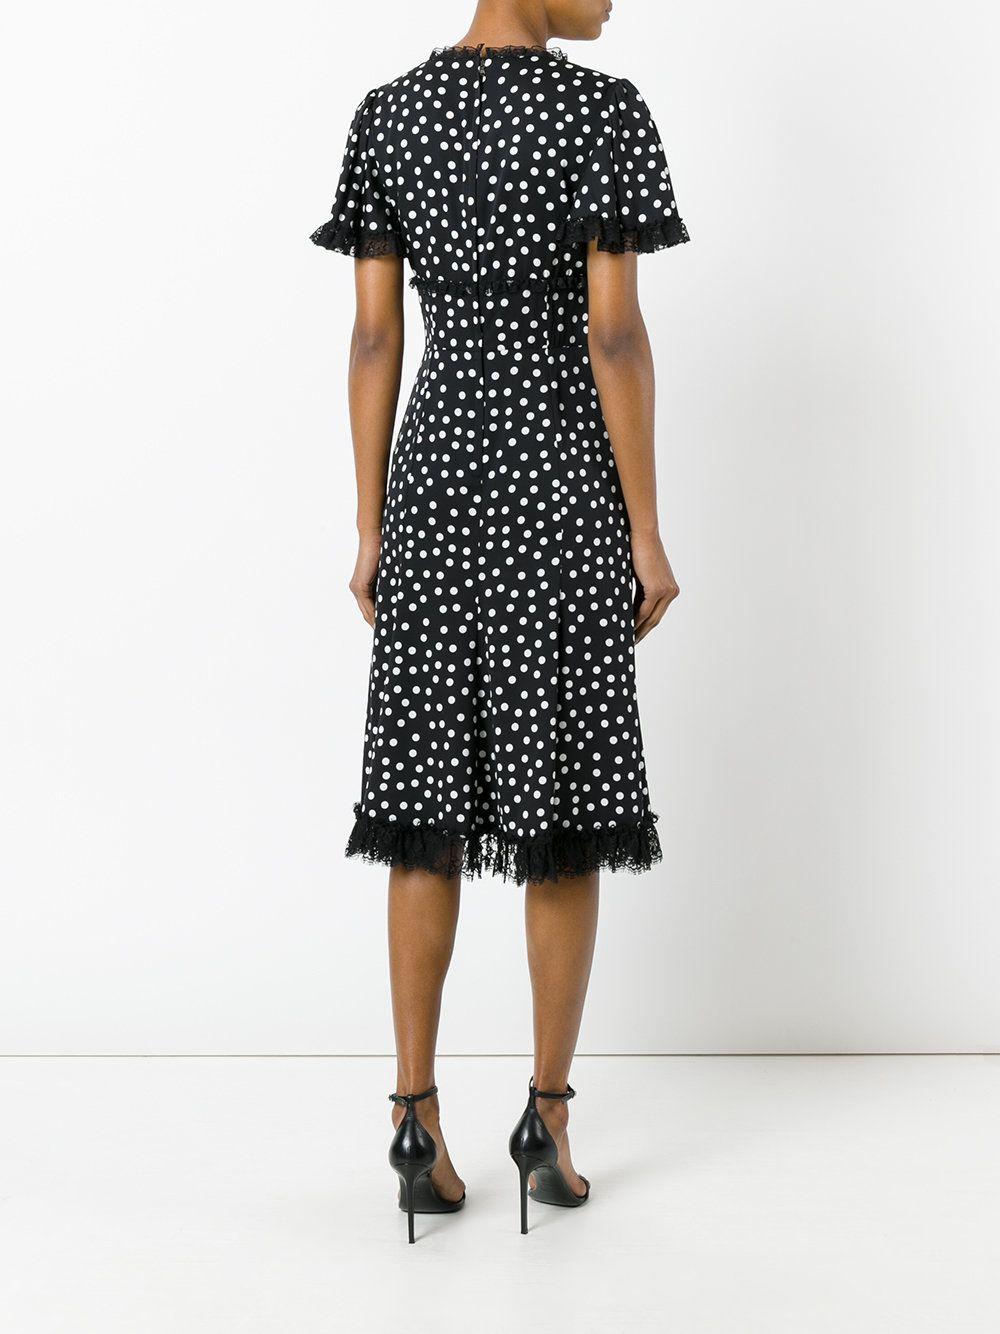 Dolce & Gabbana Vestido com poás e acabamento em renda